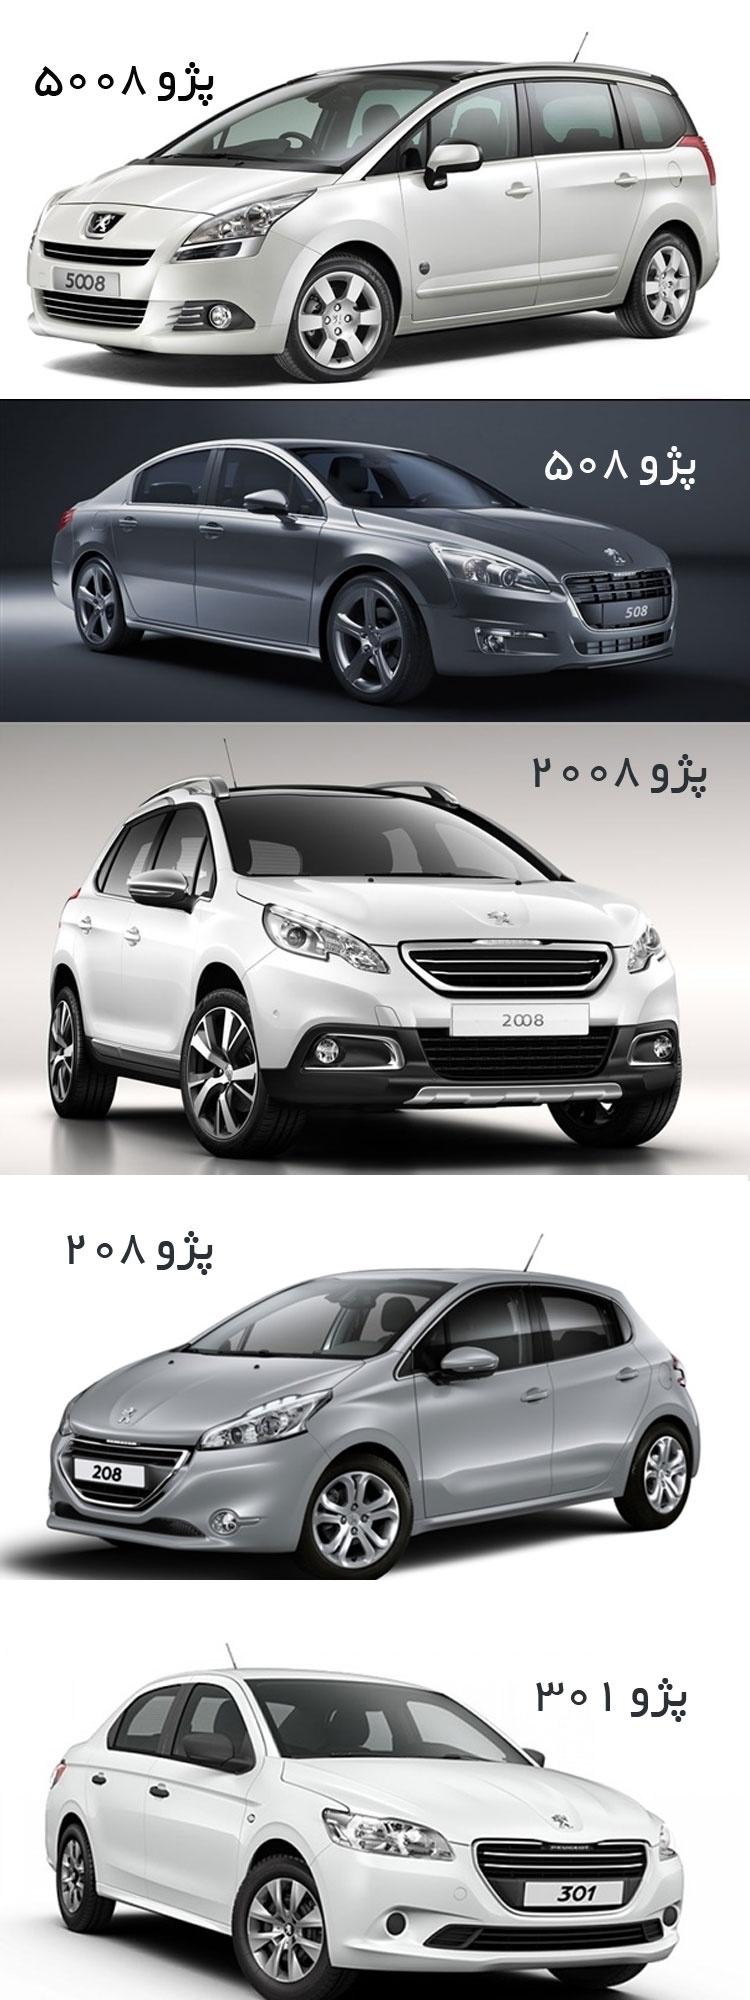 سال آینده چه خودروهایی وارد بازار میشوند؟